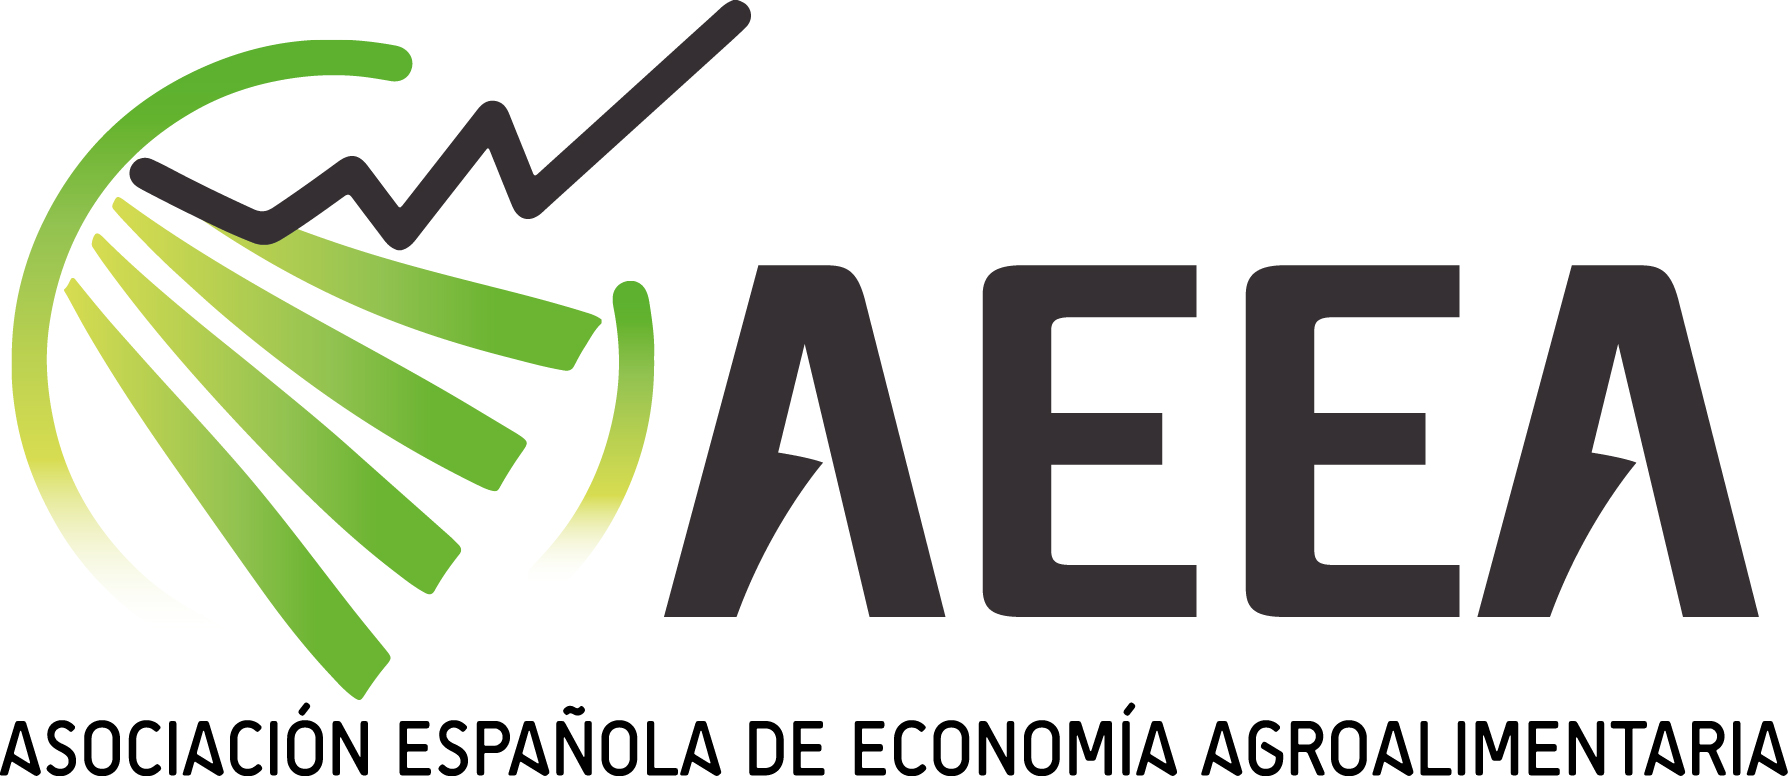 AEEA Asociación Española de Economía Agroalimentaria